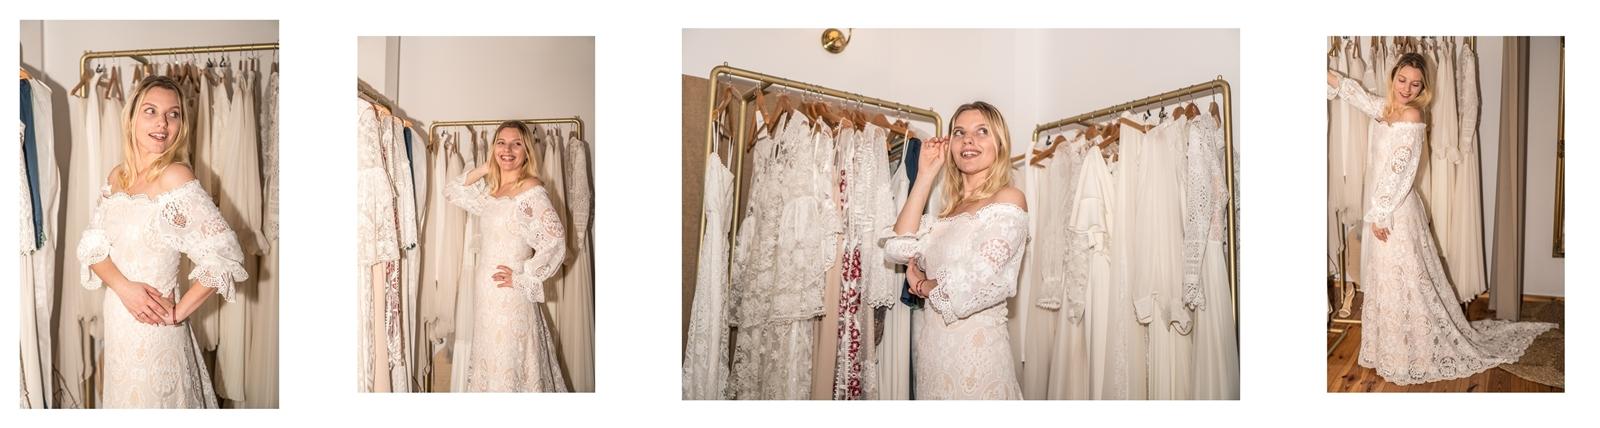 6a suknia ślubna do krótkich włosów do figury gruszki do figury jablko suknia ślubna do małego  biustu